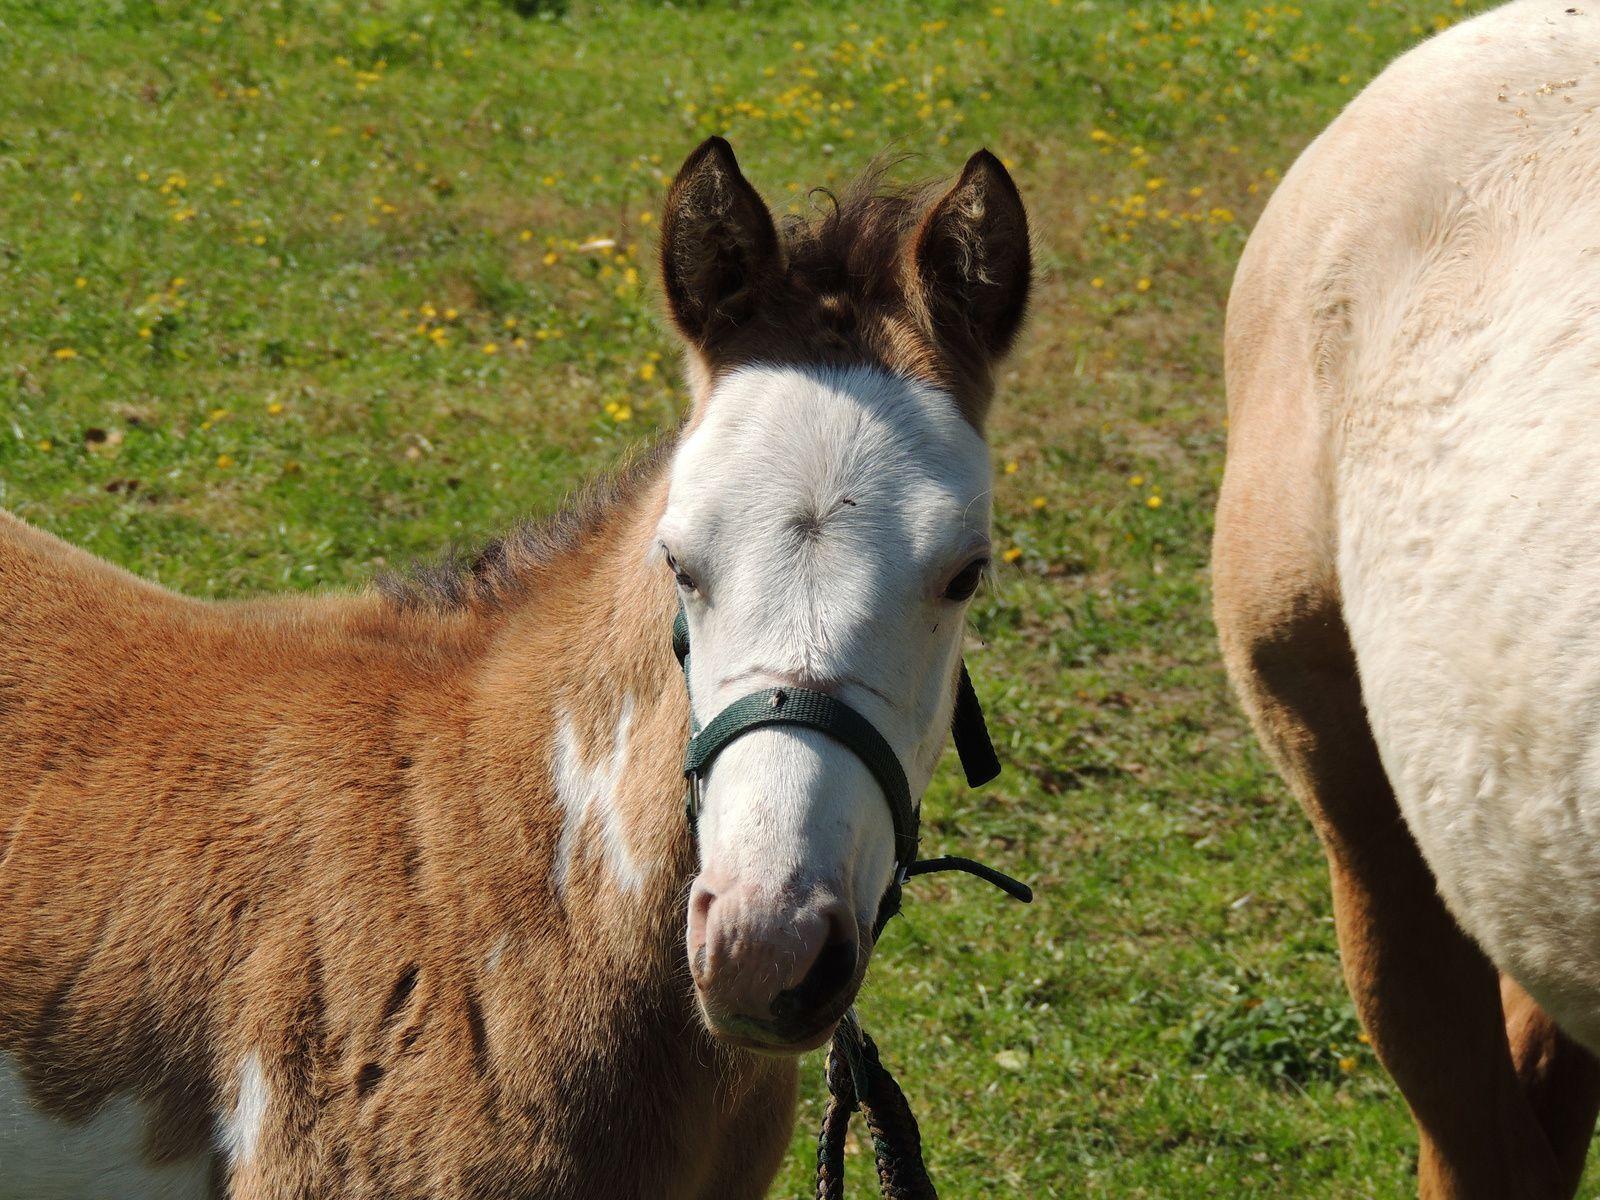 Poulain près de sa mère. Techniques d'élevage 2014. Image soumise à droits d'auteur